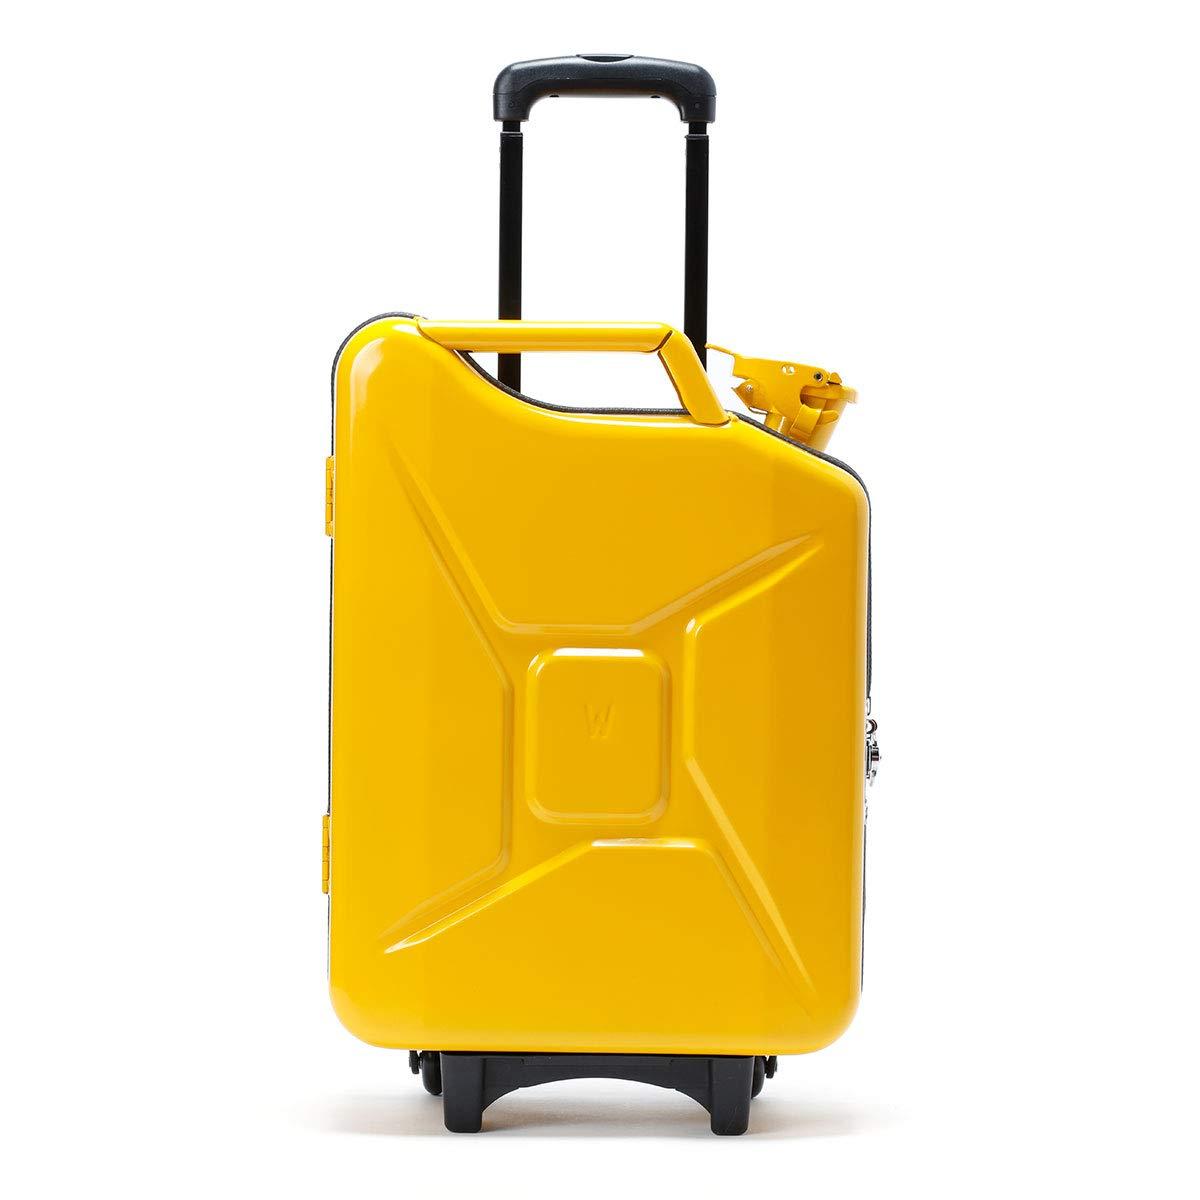 (ジーケース/G-CASE)キャリーケース イエロー Carry Case ジェリカン トラベルバック ミリタリー バッグ 機内持ち込み可能 ONE SIZE イエロー B07TSZFHXN イエロー ONE SIZE